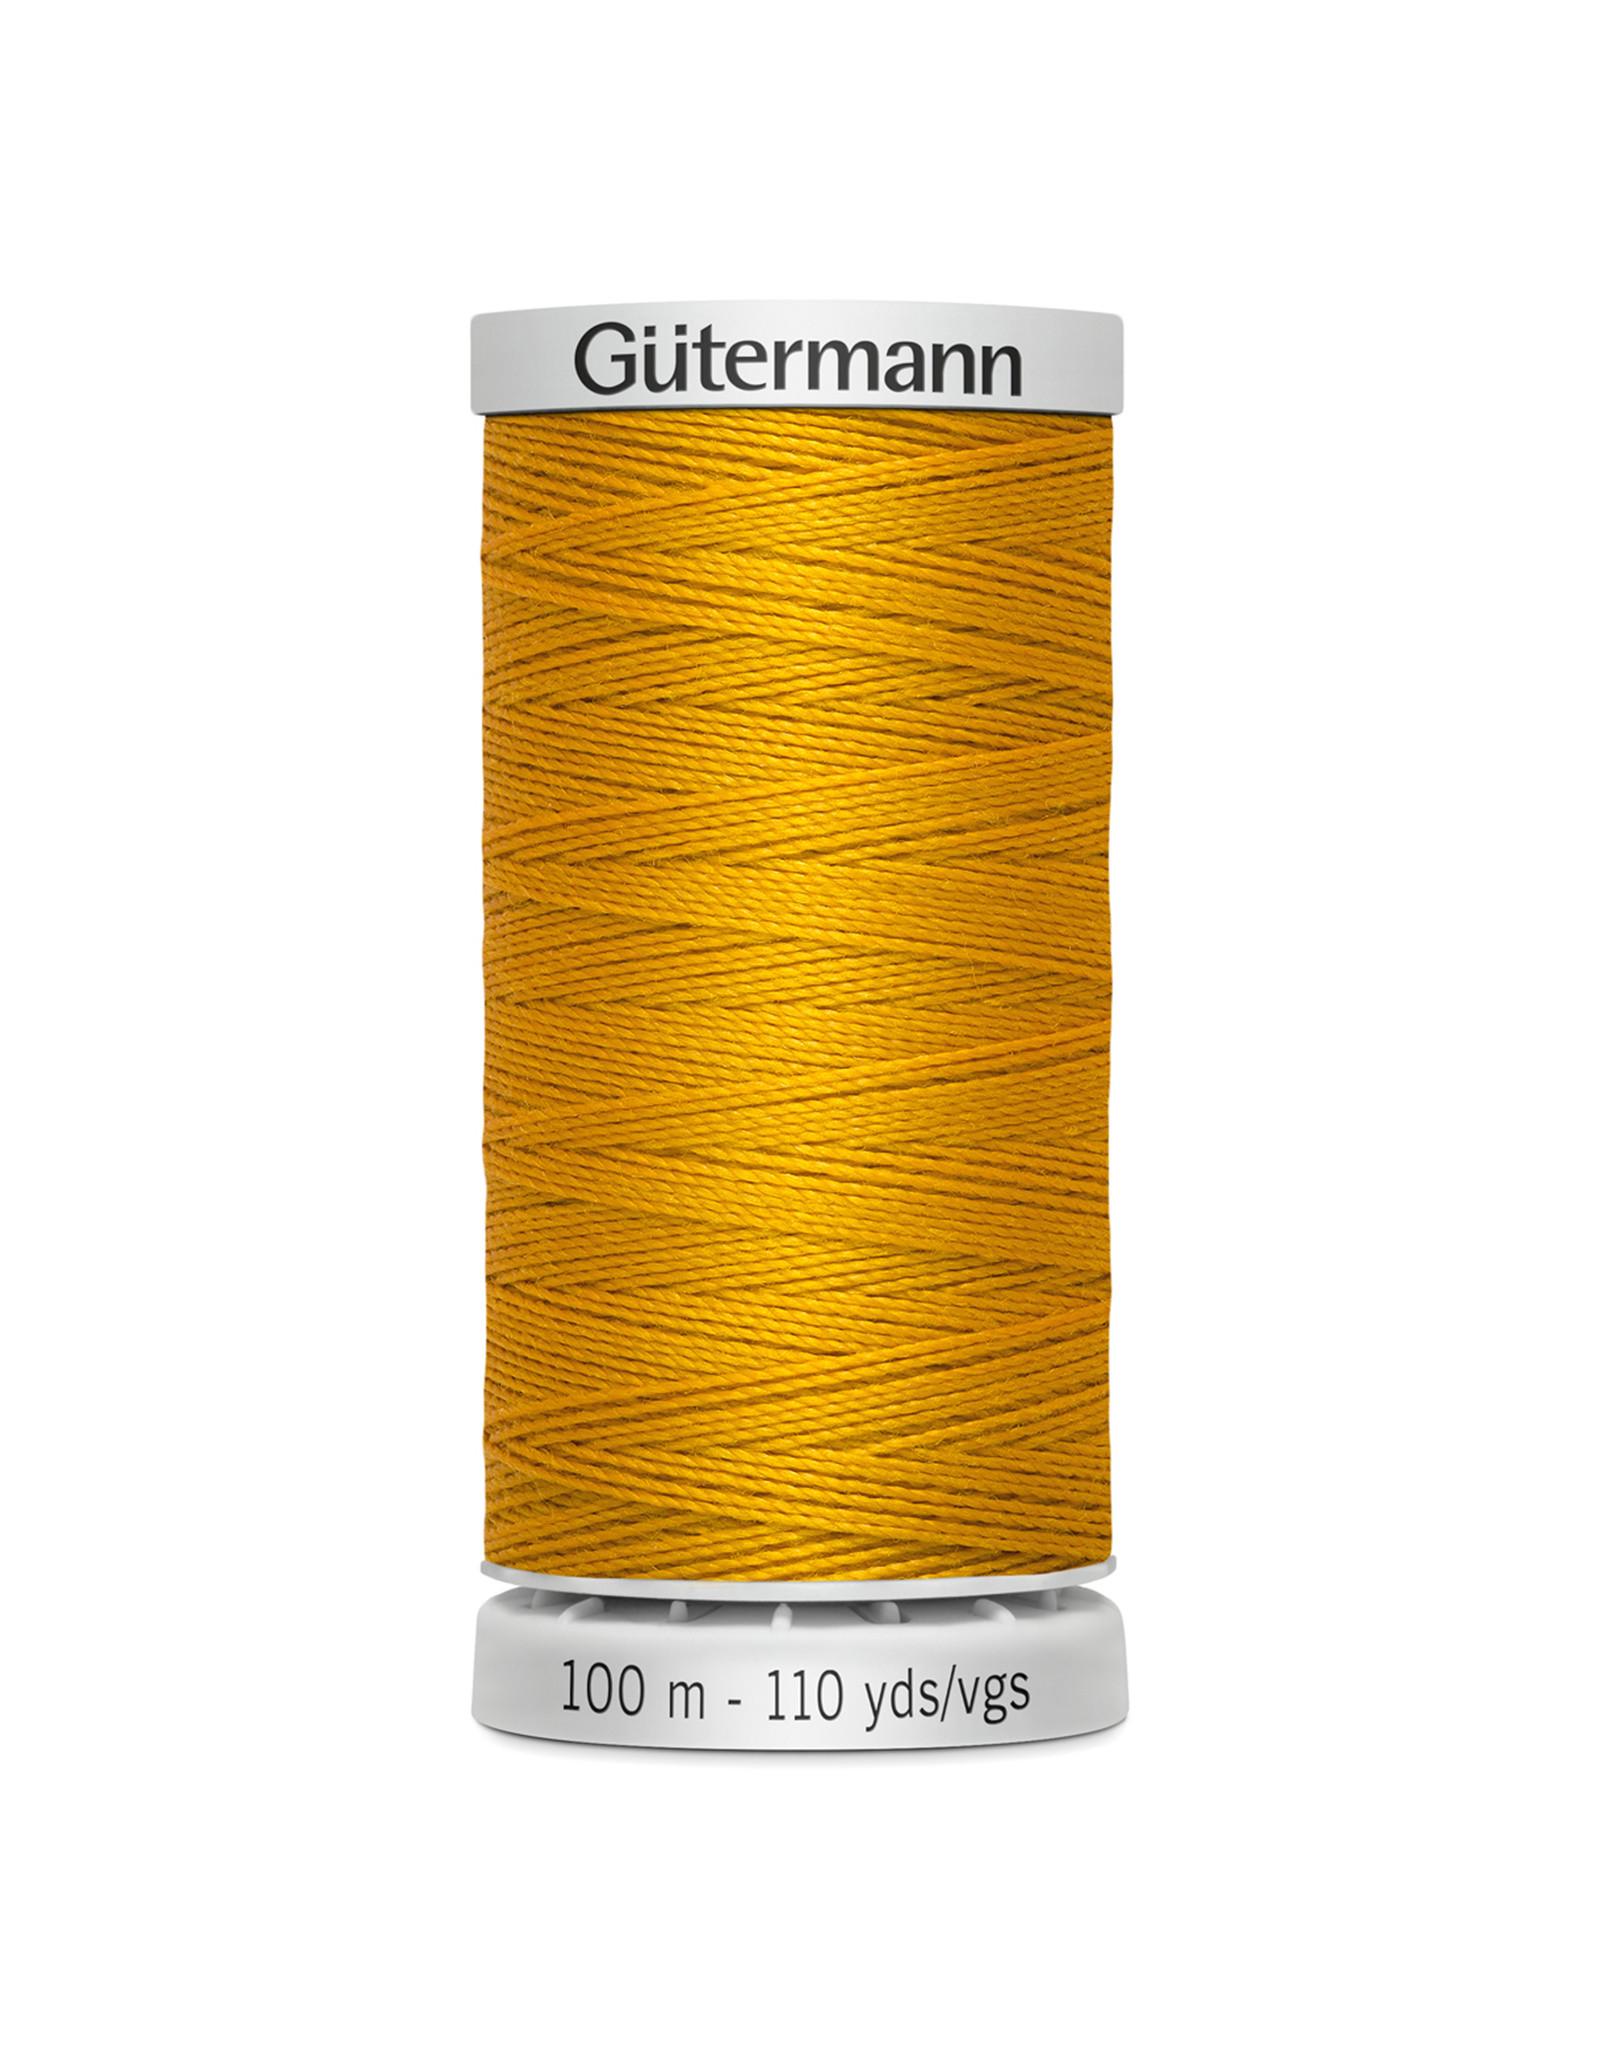 Gütermann Gütermann Super Stark garn 100 m - 362